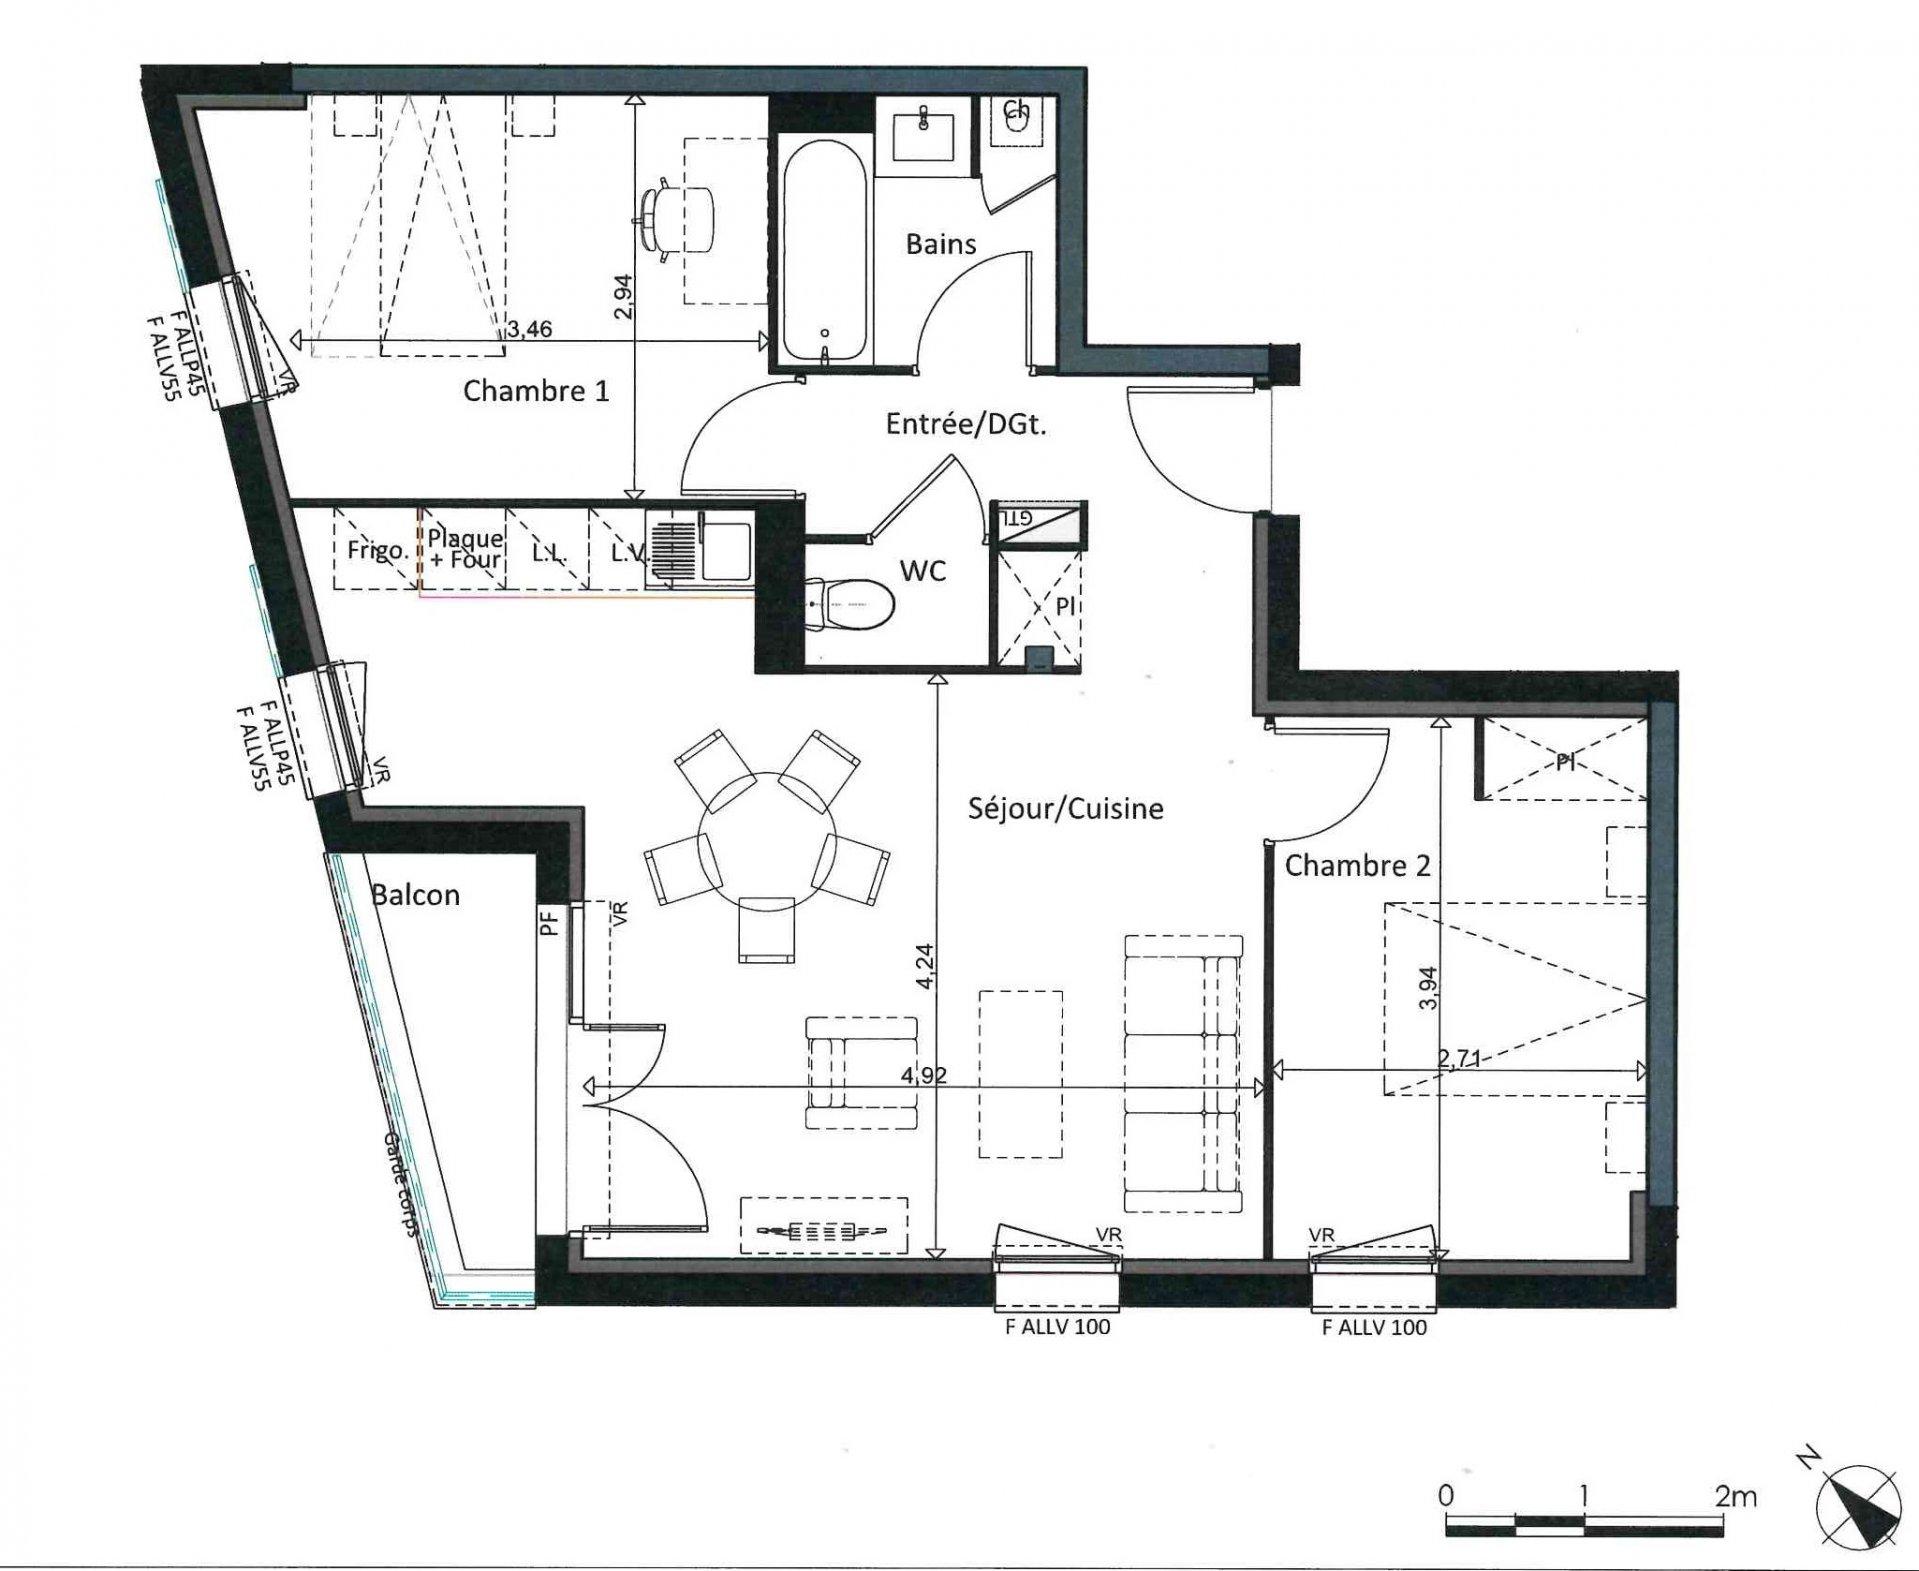 Appartement T3 - 59m² - 31100 TOULOUSE LARDENNE